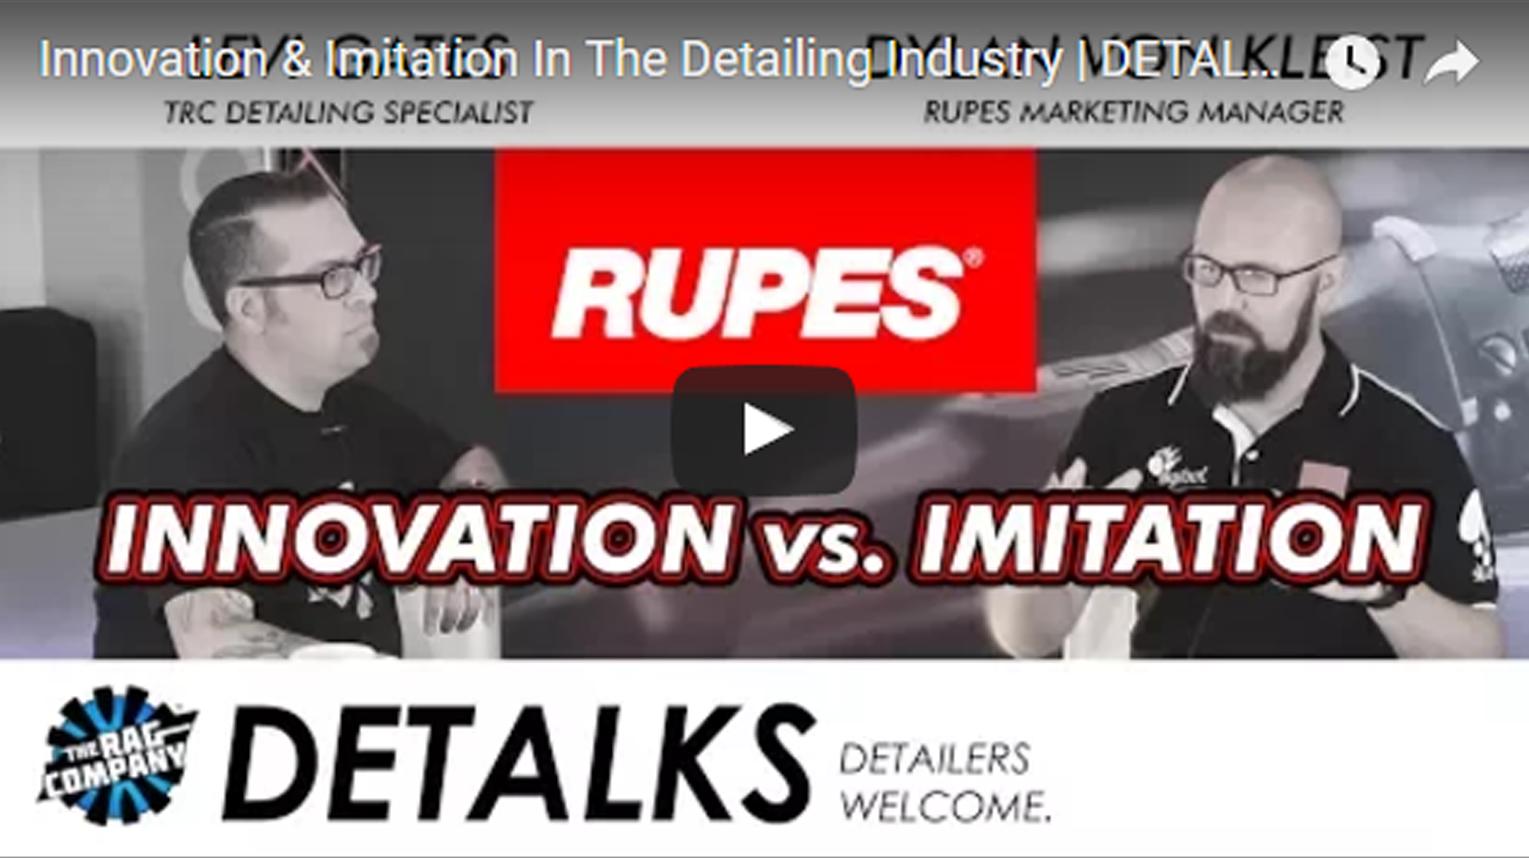 Innovation & Imitation In The Detailing Industry | DETALKS